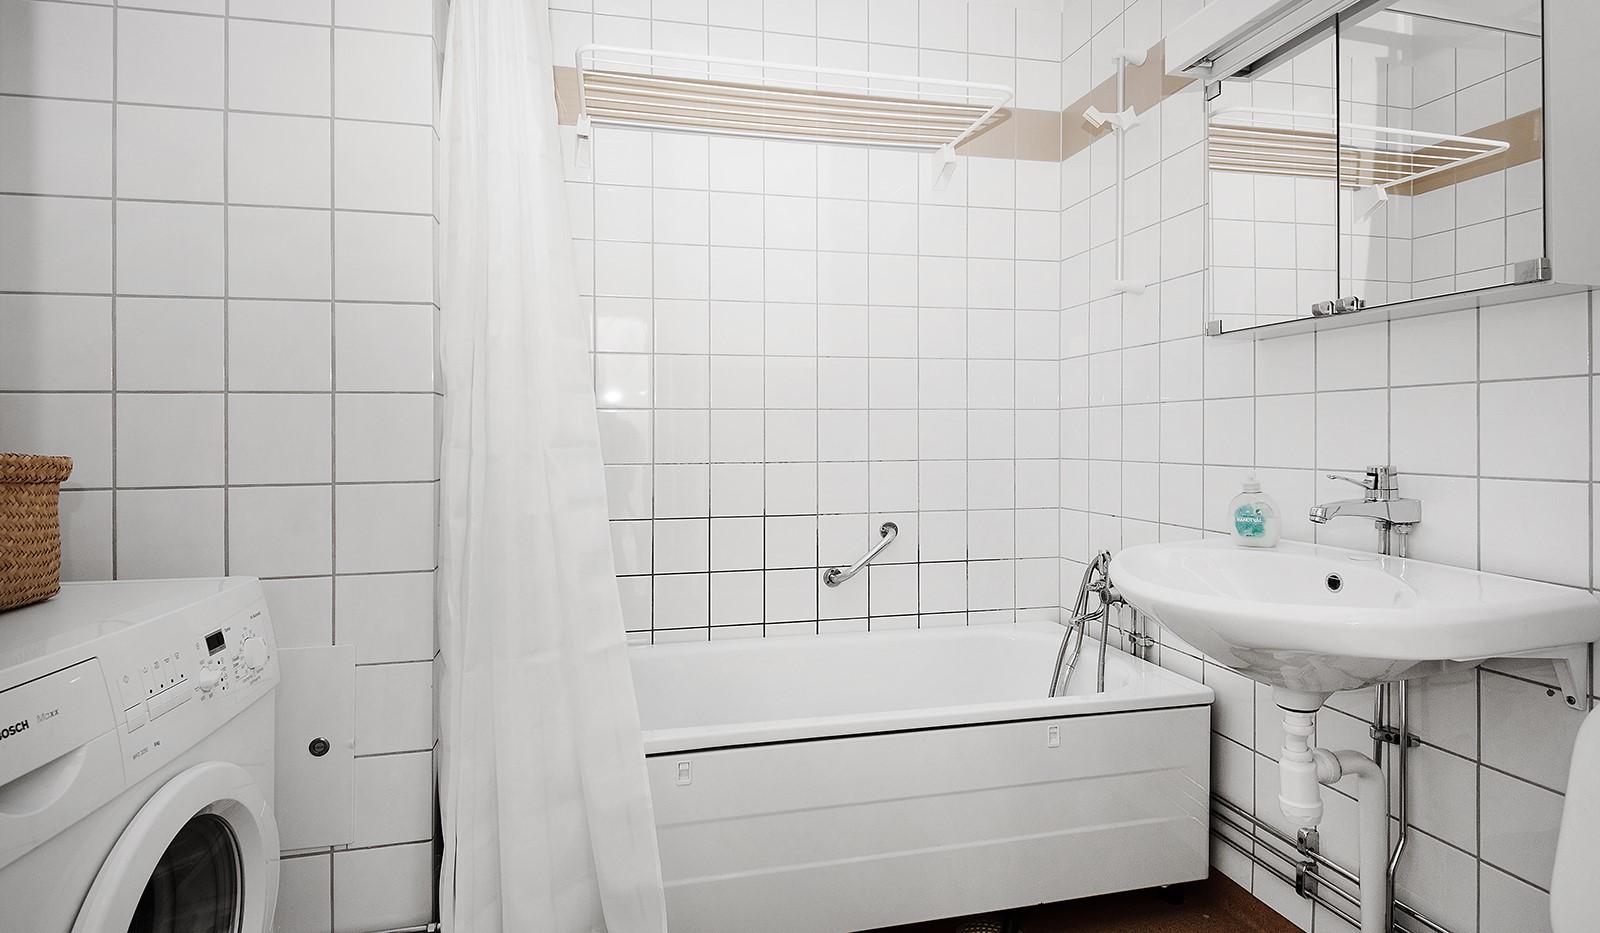 Fatburs Kvarngata 28 - Helkaklat badrum med tvättmaskin